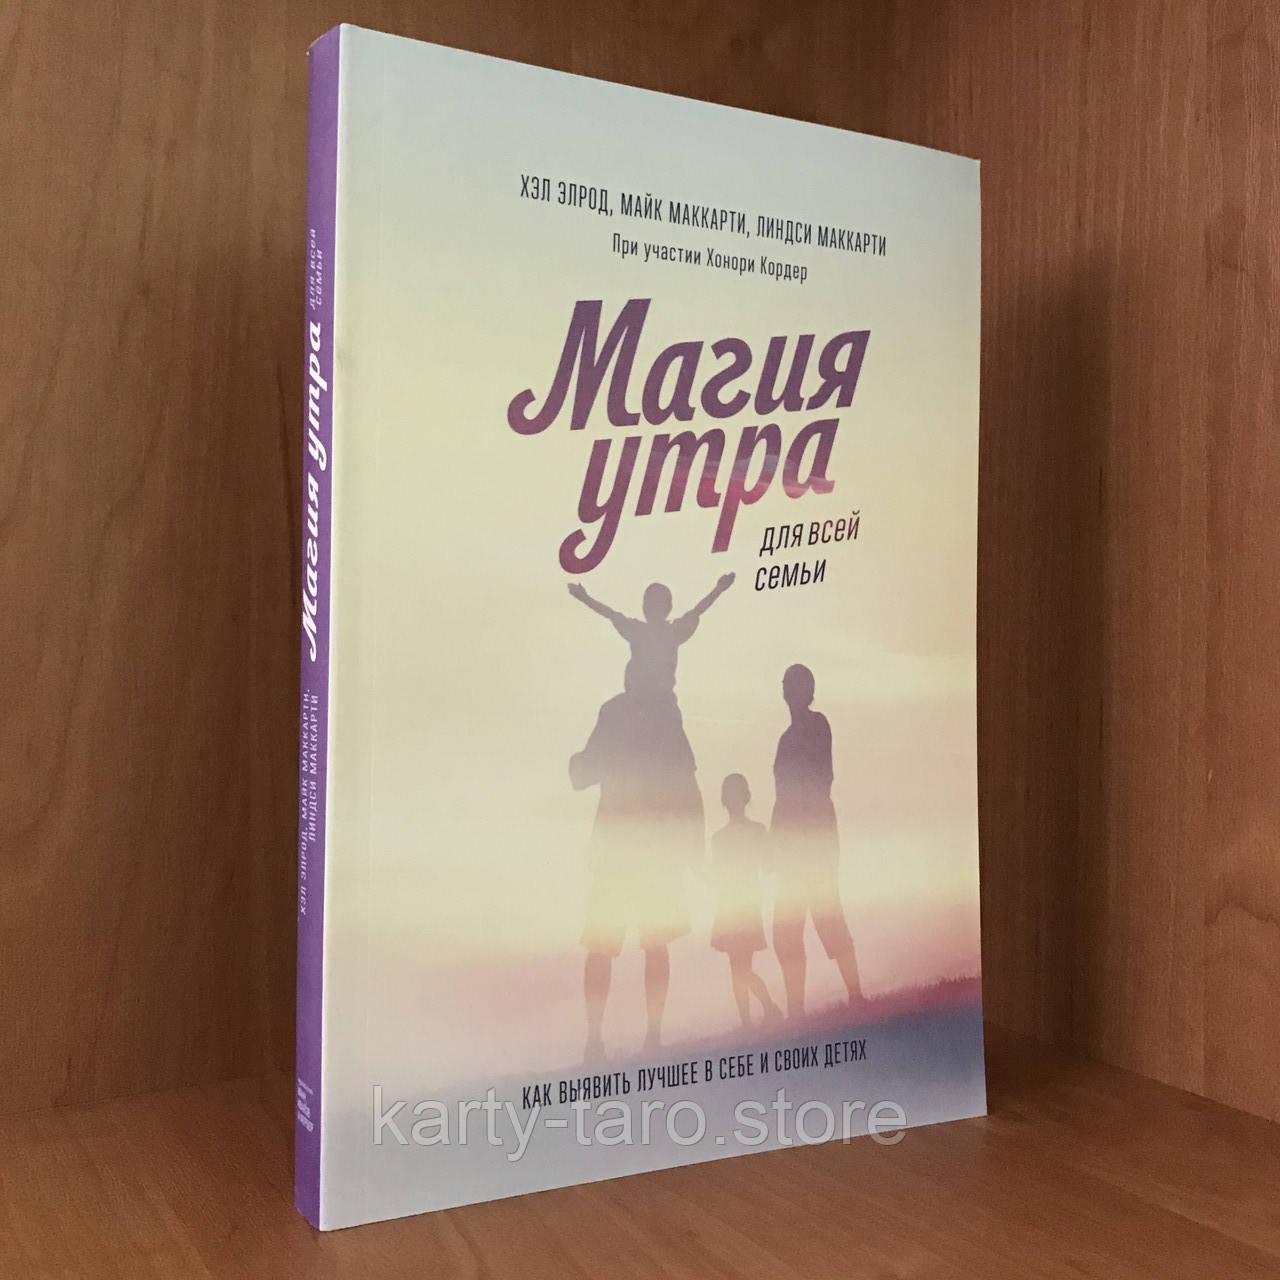 Книга Магия утра для всей семьи. Как выявить лучшее в себе и своих детях - Хэл Элрод